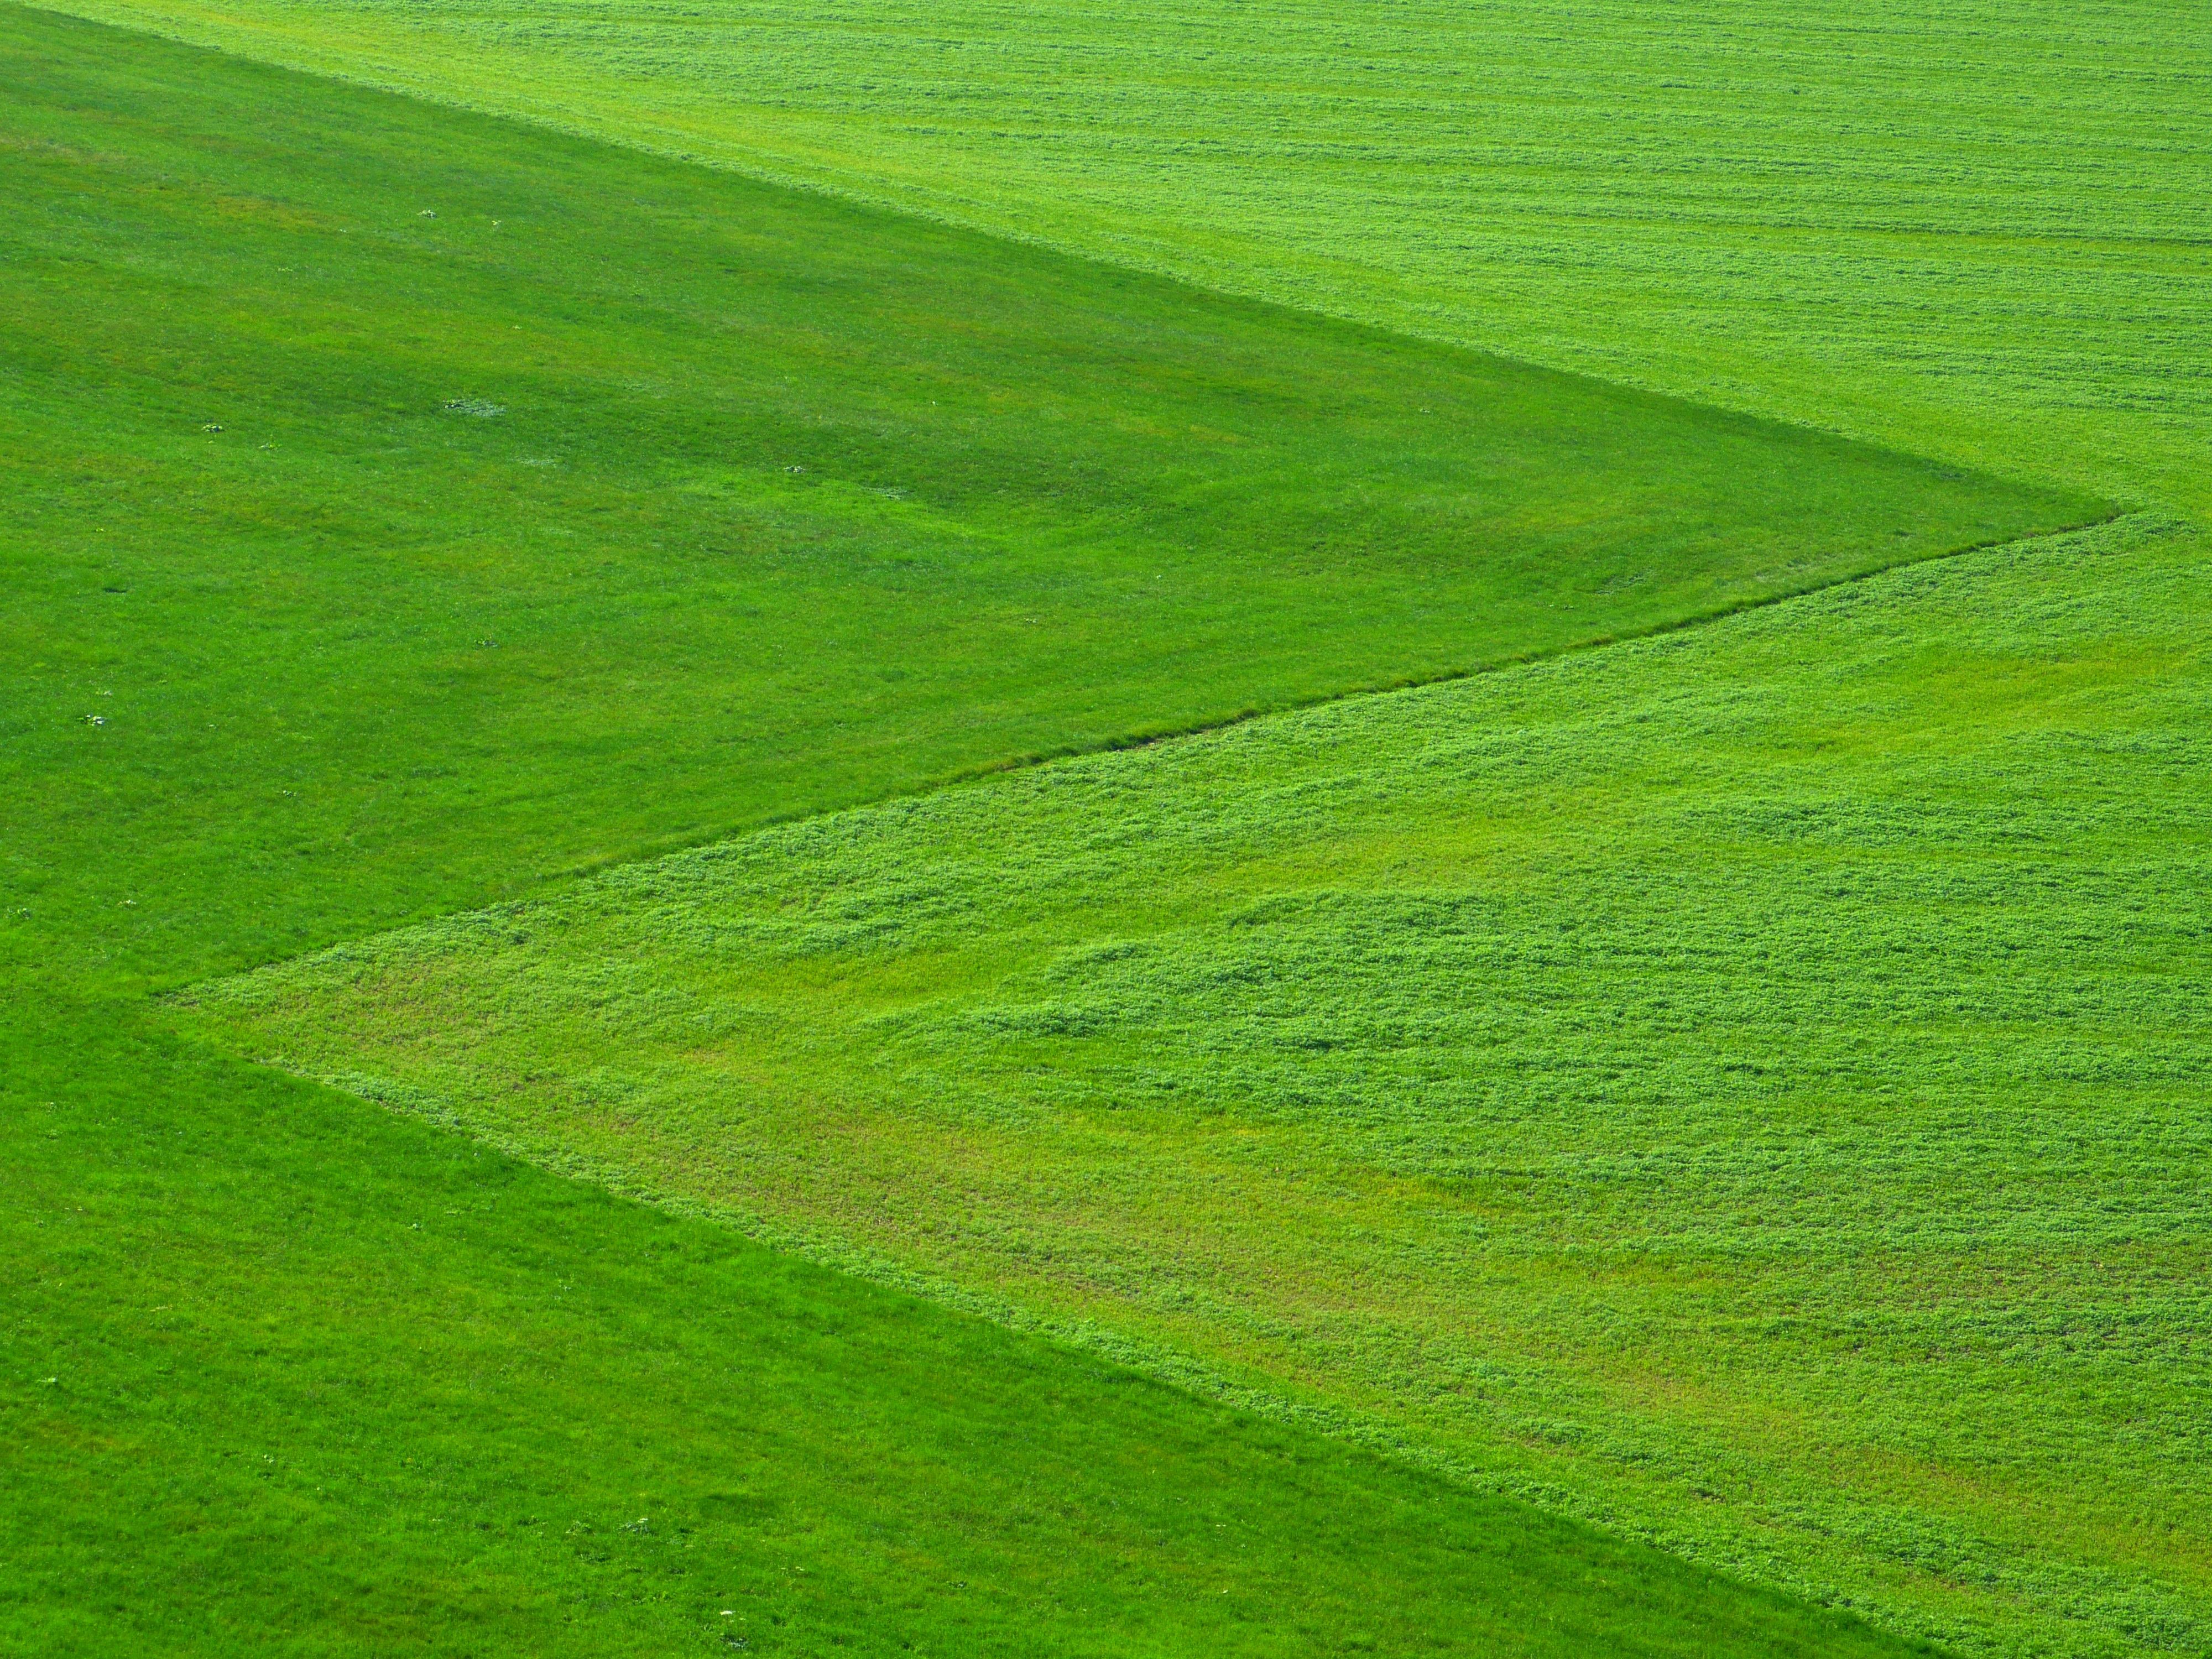 meadow-green-grass-nature-65281